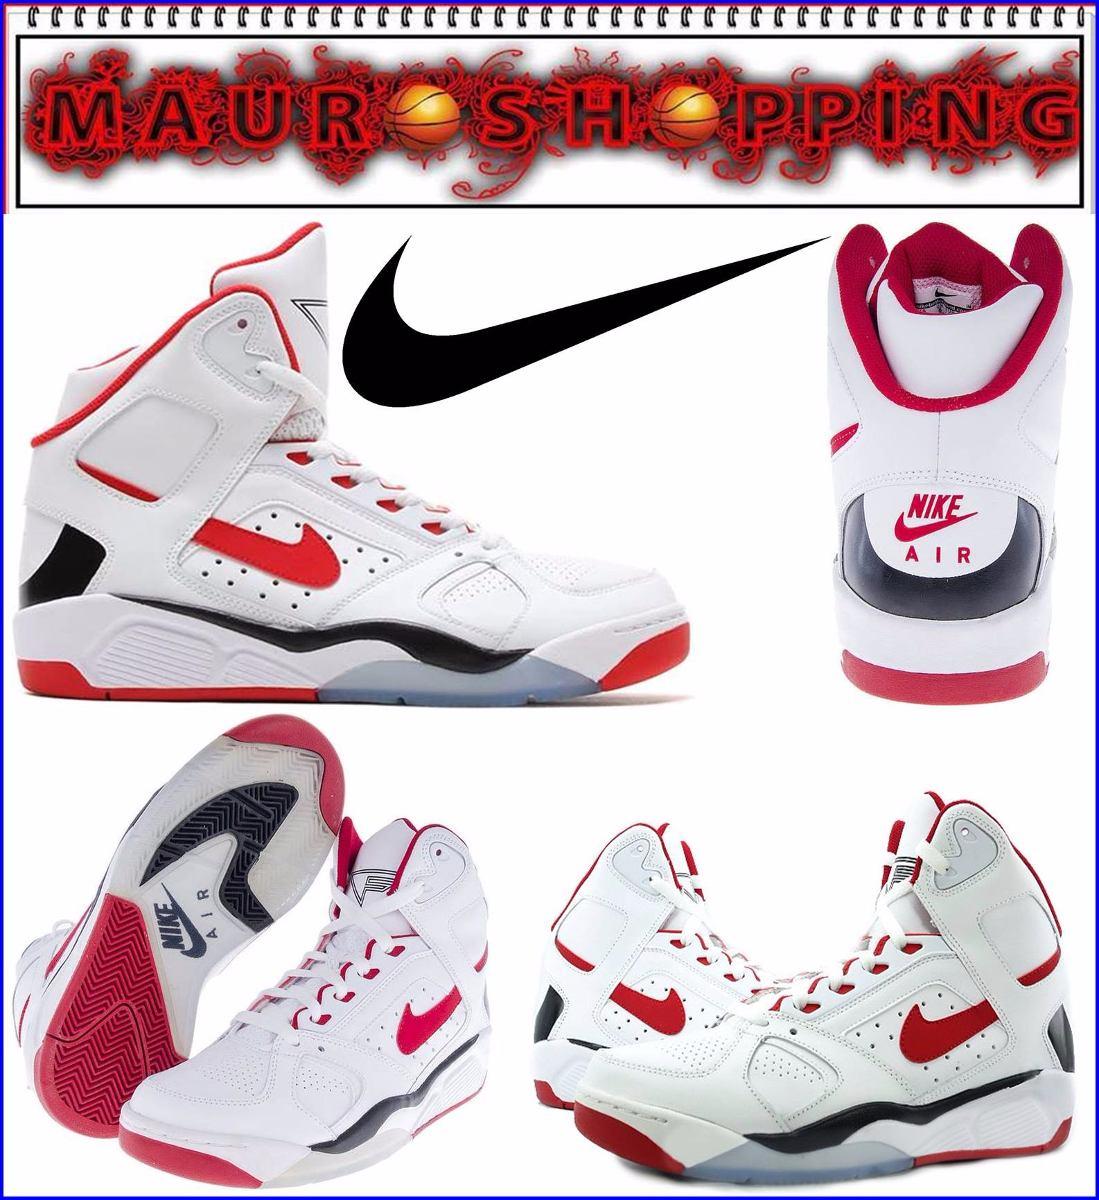 Tenis Nike Air Flight Jordan 100% Originales Cero Replicas